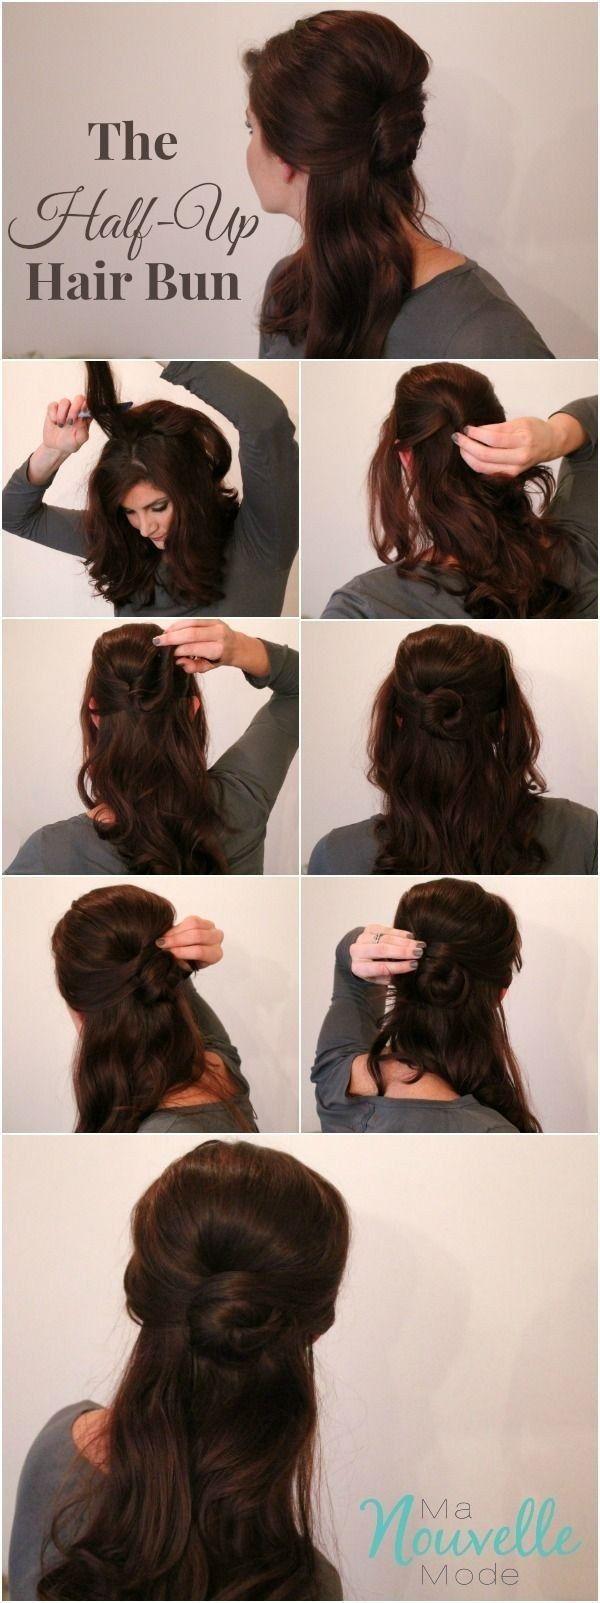 Fabulous Halbhoch Halb unten Hairstyles